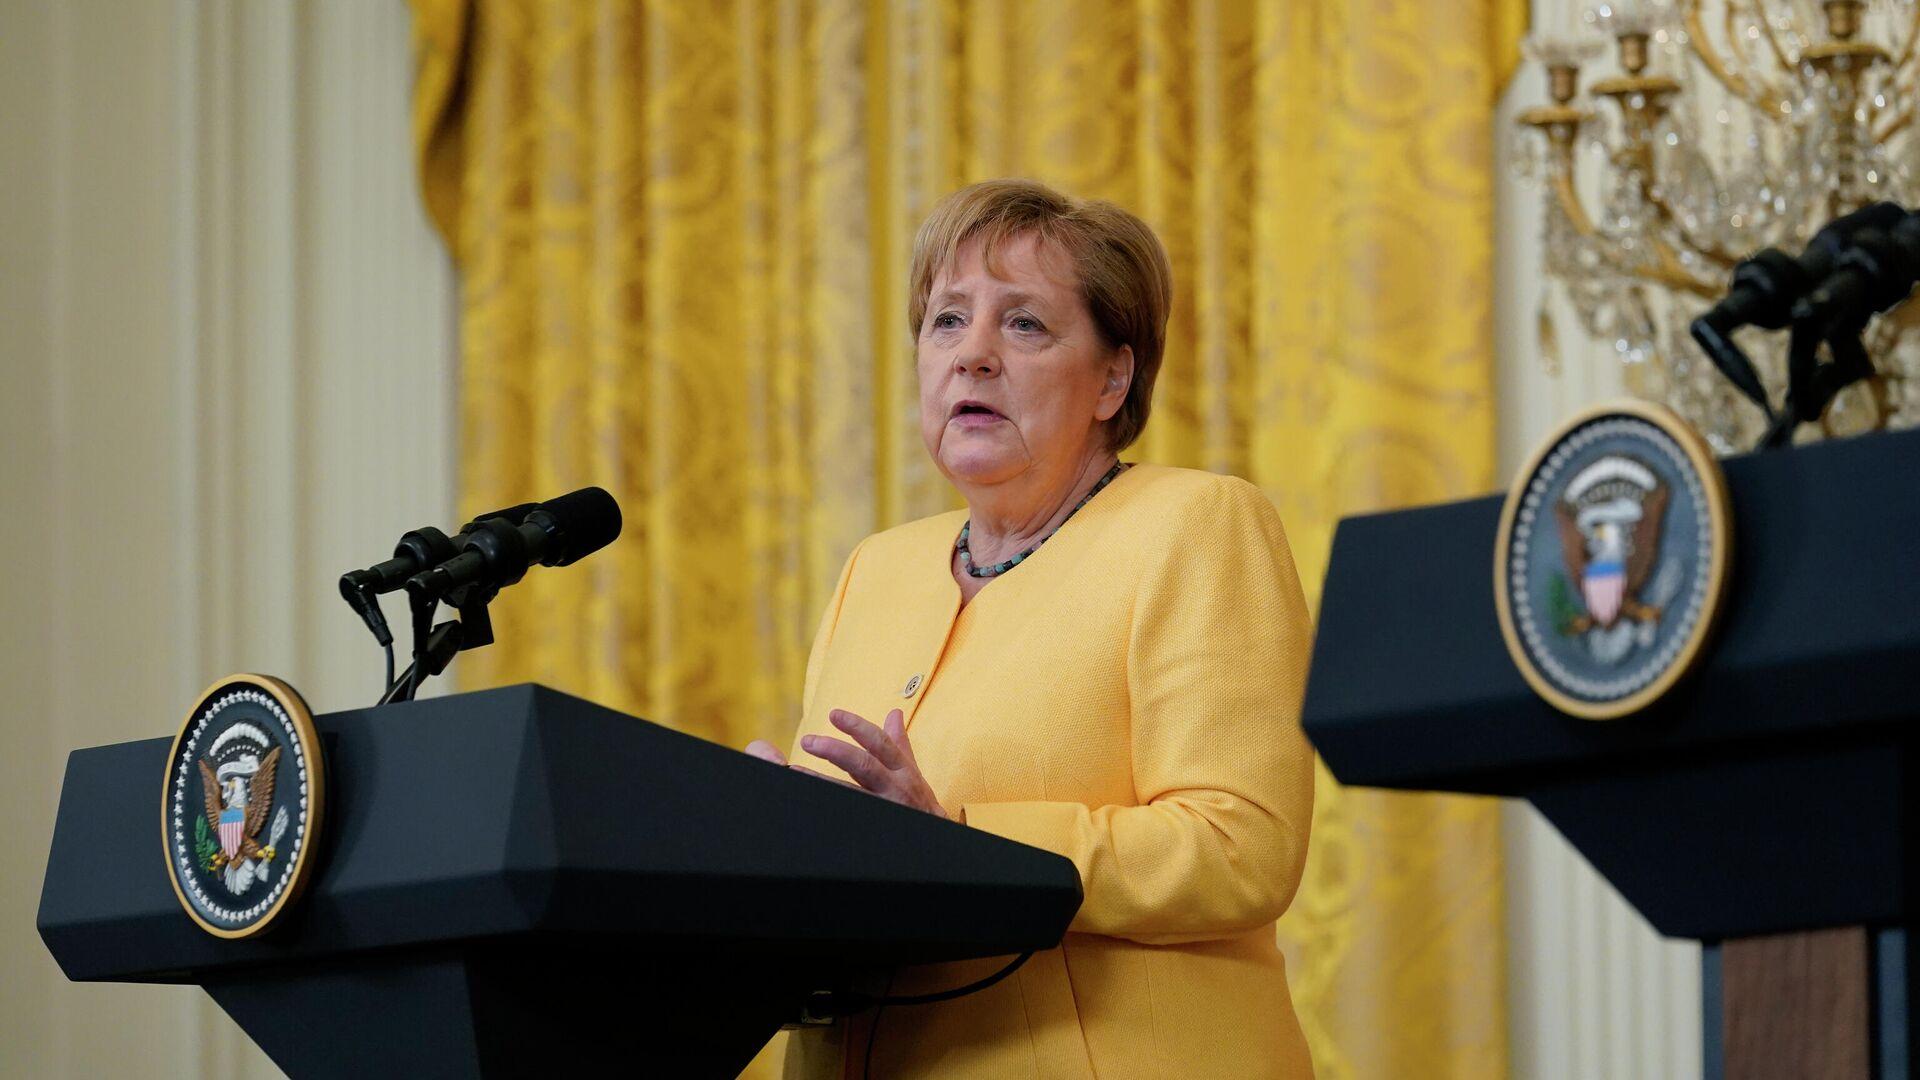 Канцлер Германии Ангела Меркель выступает на пресс-конференции с президентом Джо Байденом - РИА Новости, 1920, 16.07.2021